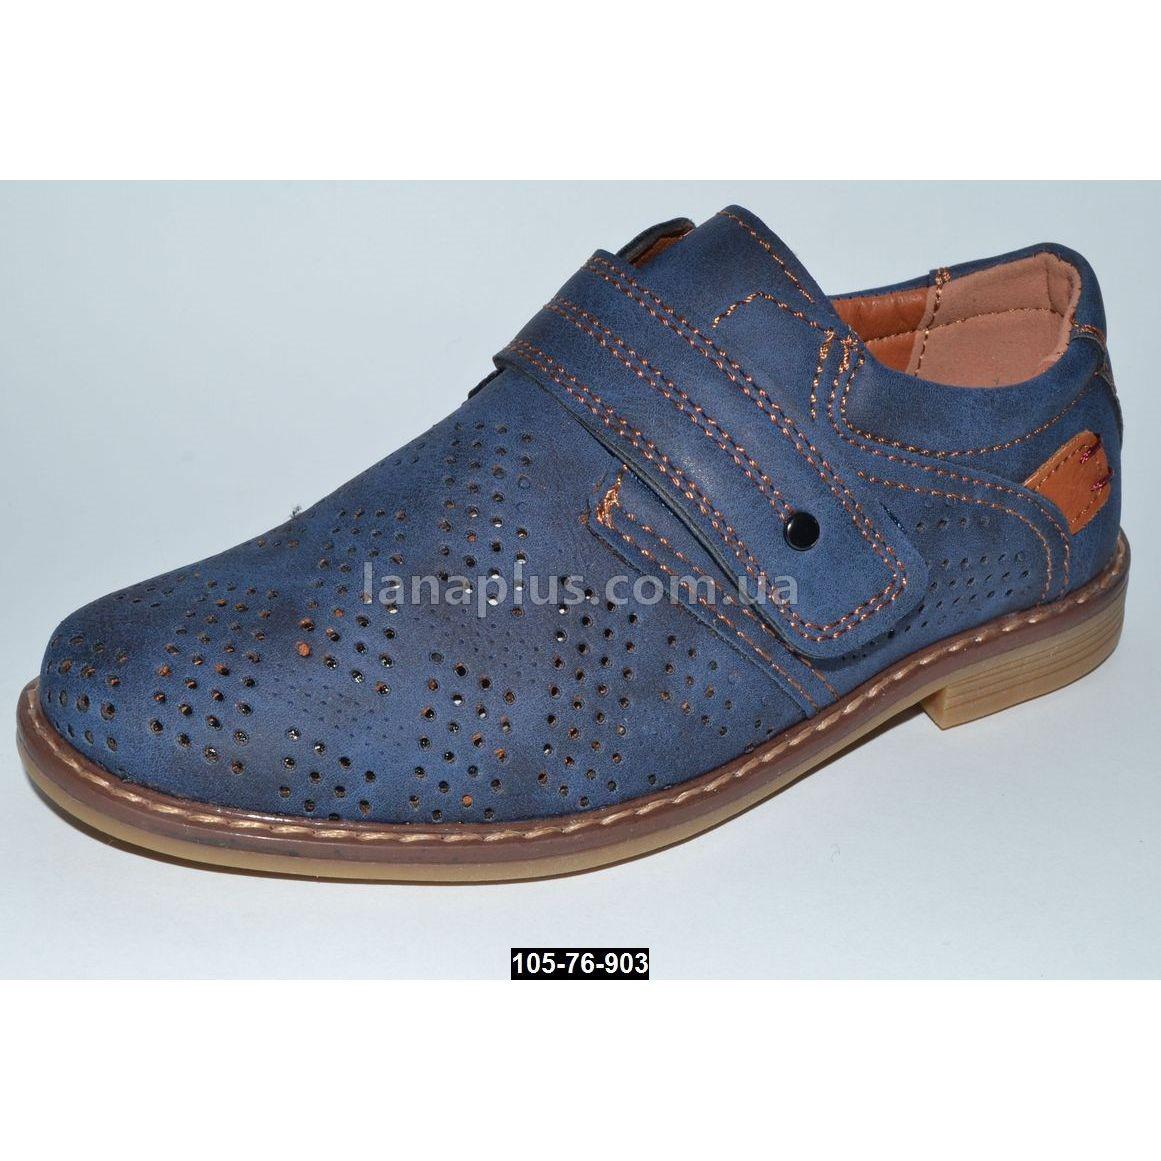 Облегченные туфли для мальчика, 29 размер (19.5 см), супинатор, кожаная стелька